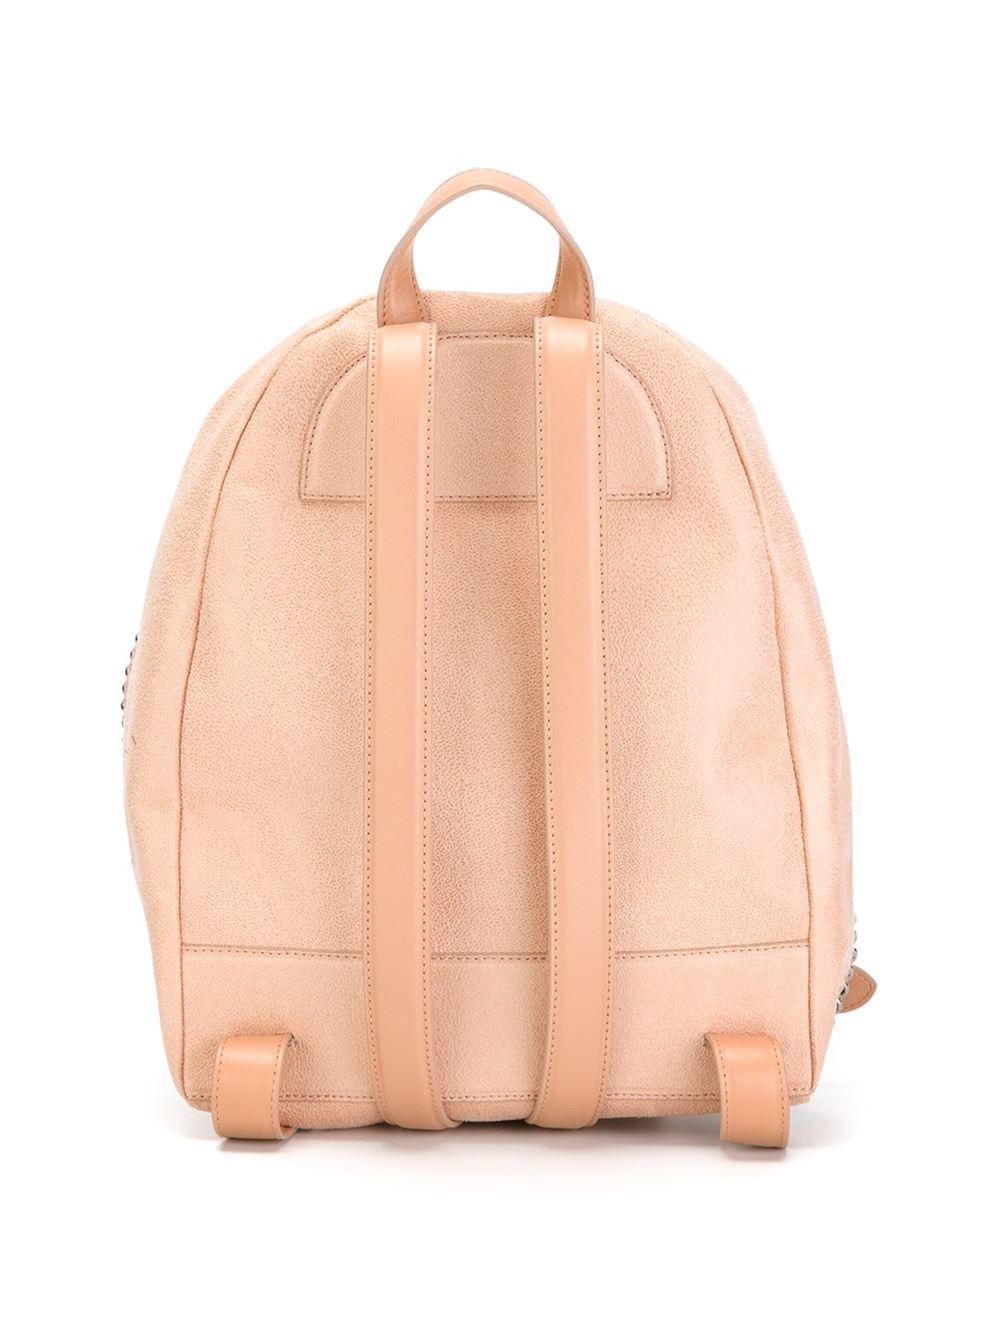 stella mccartney 39 falabella 39 backpack lyst. Black Bedroom Furniture Sets. Home Design Ideas